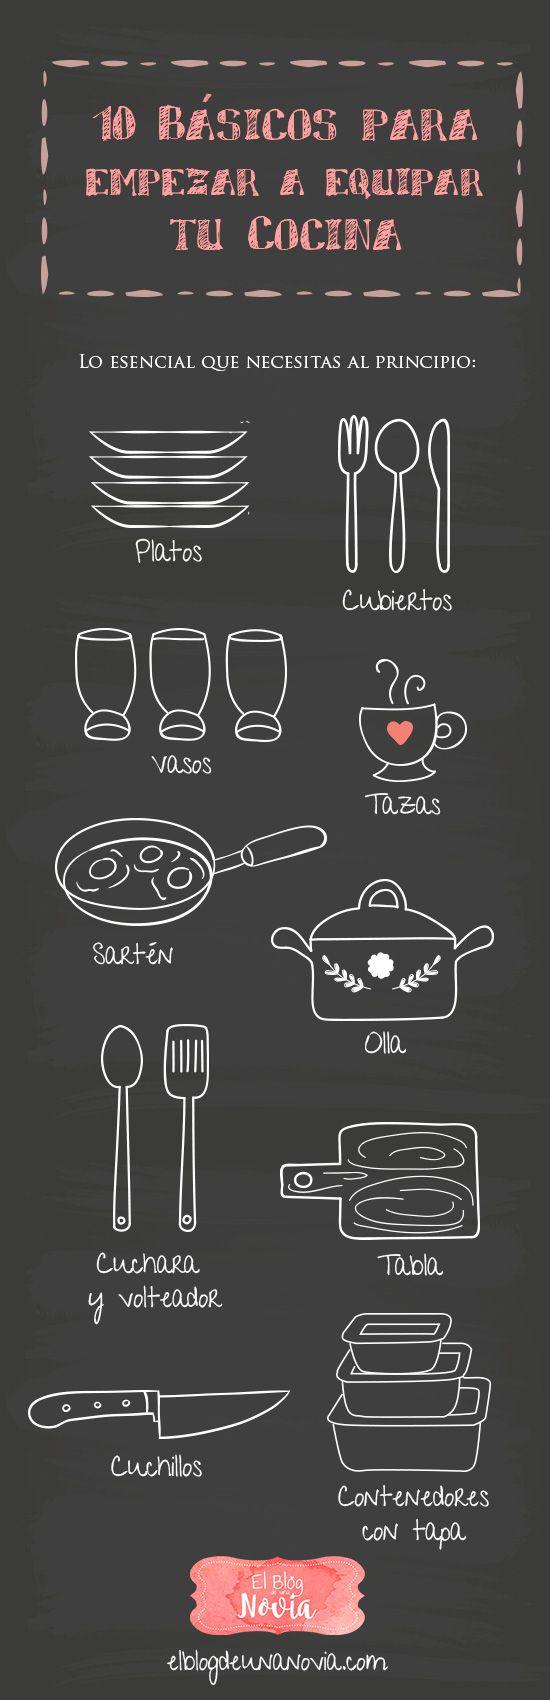 10 Utensilios básicos para empezar a equipar la cocina de los futuros esposos | El Blog de una Novia | #novios #esposos #cocina